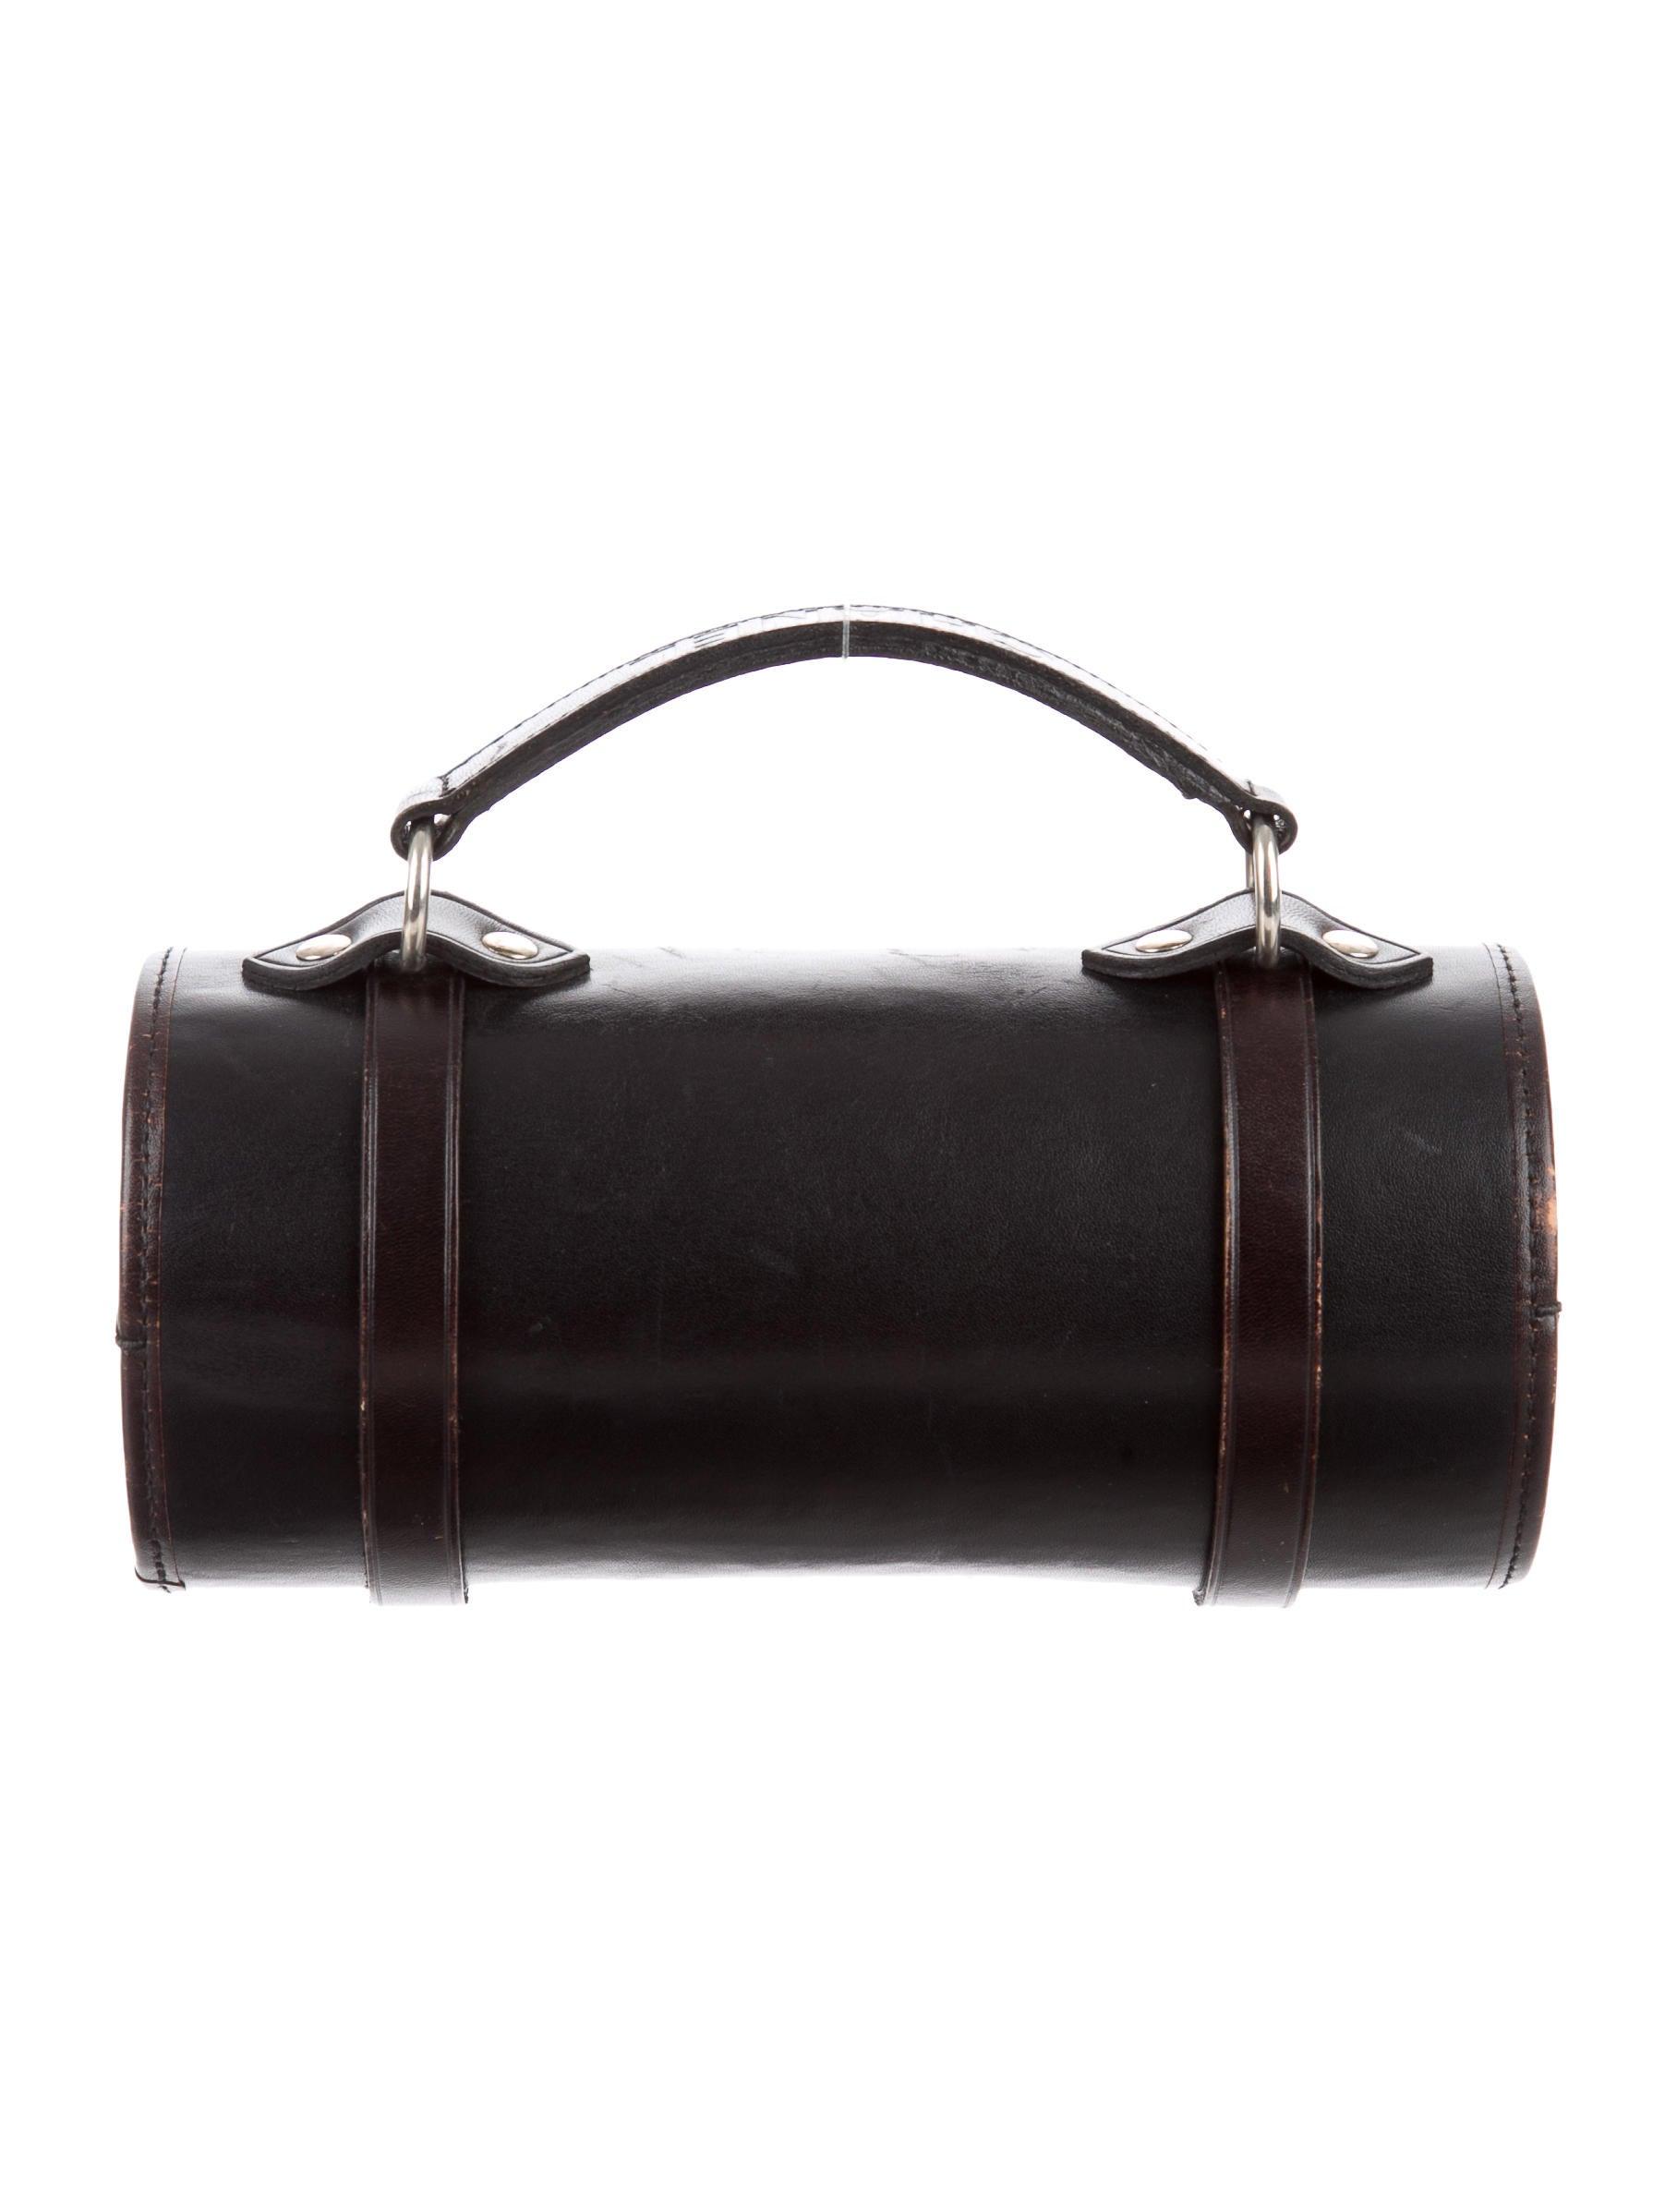 Chanel Leather Barrel Bag Handbags Cha130128 The